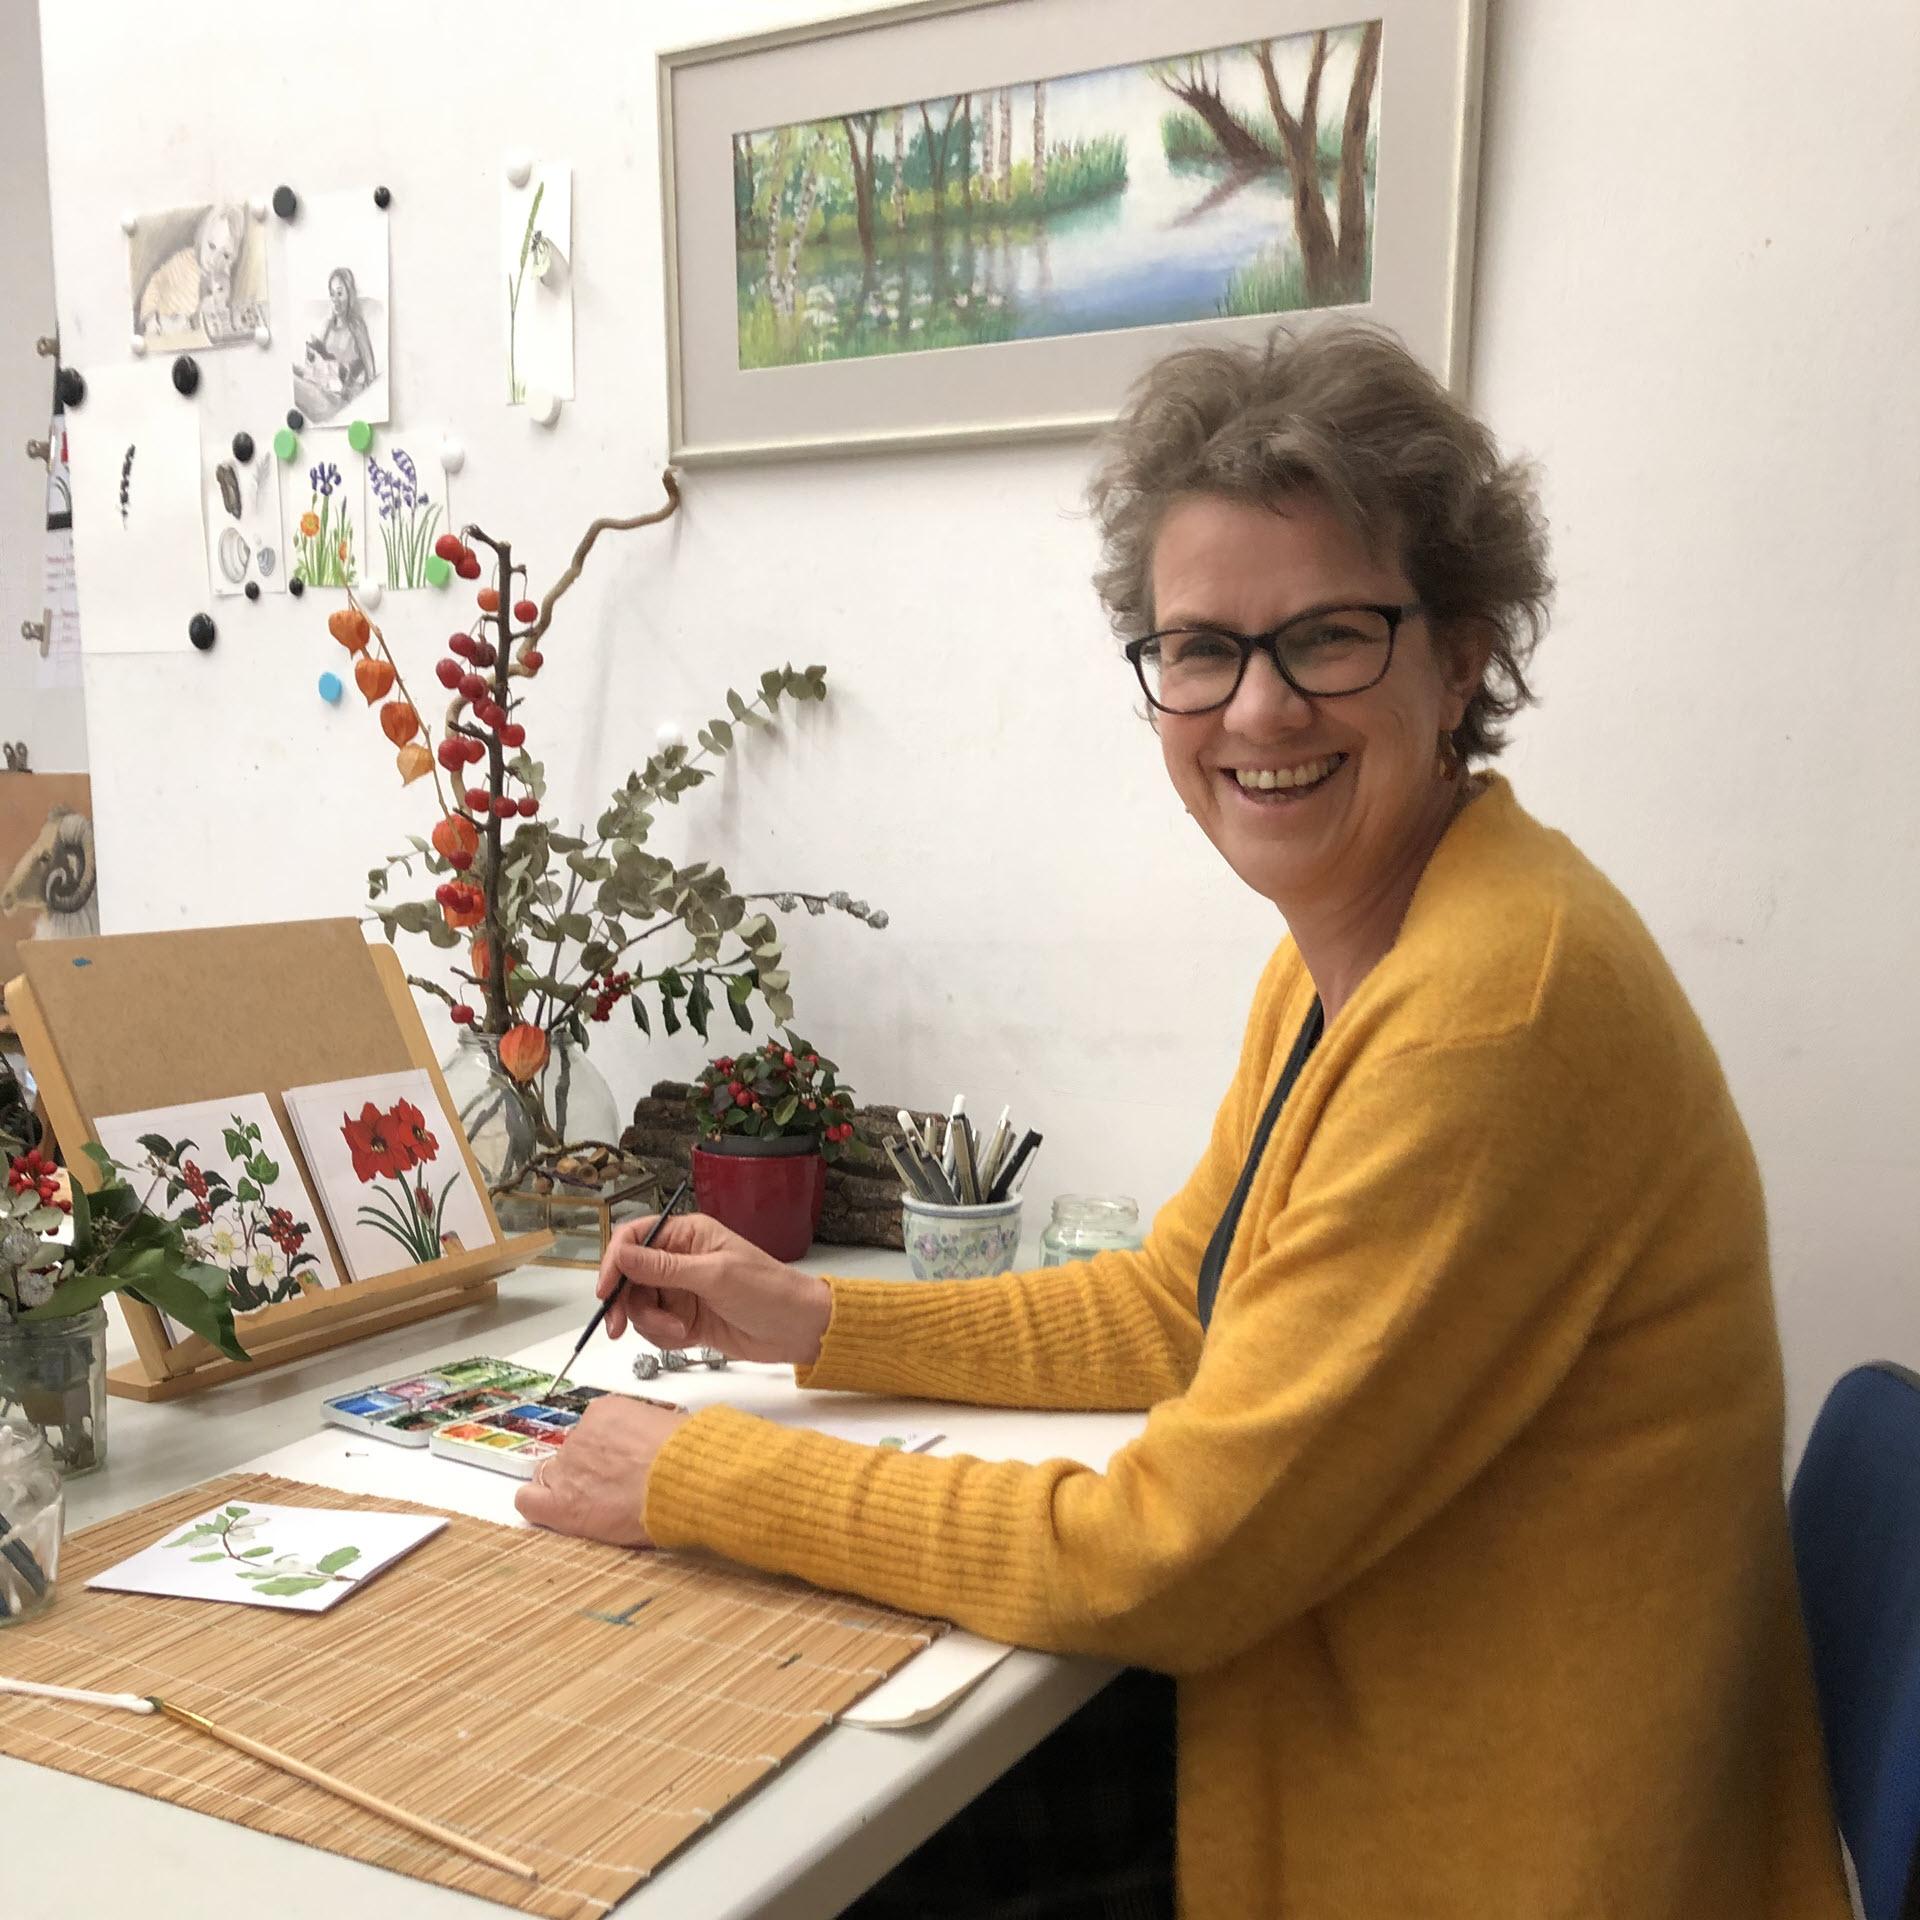 Bloemenkaarten Bloemsierkunst Groeneveld zijn getekend door Tineke van der Veen uit Haren / Groningen